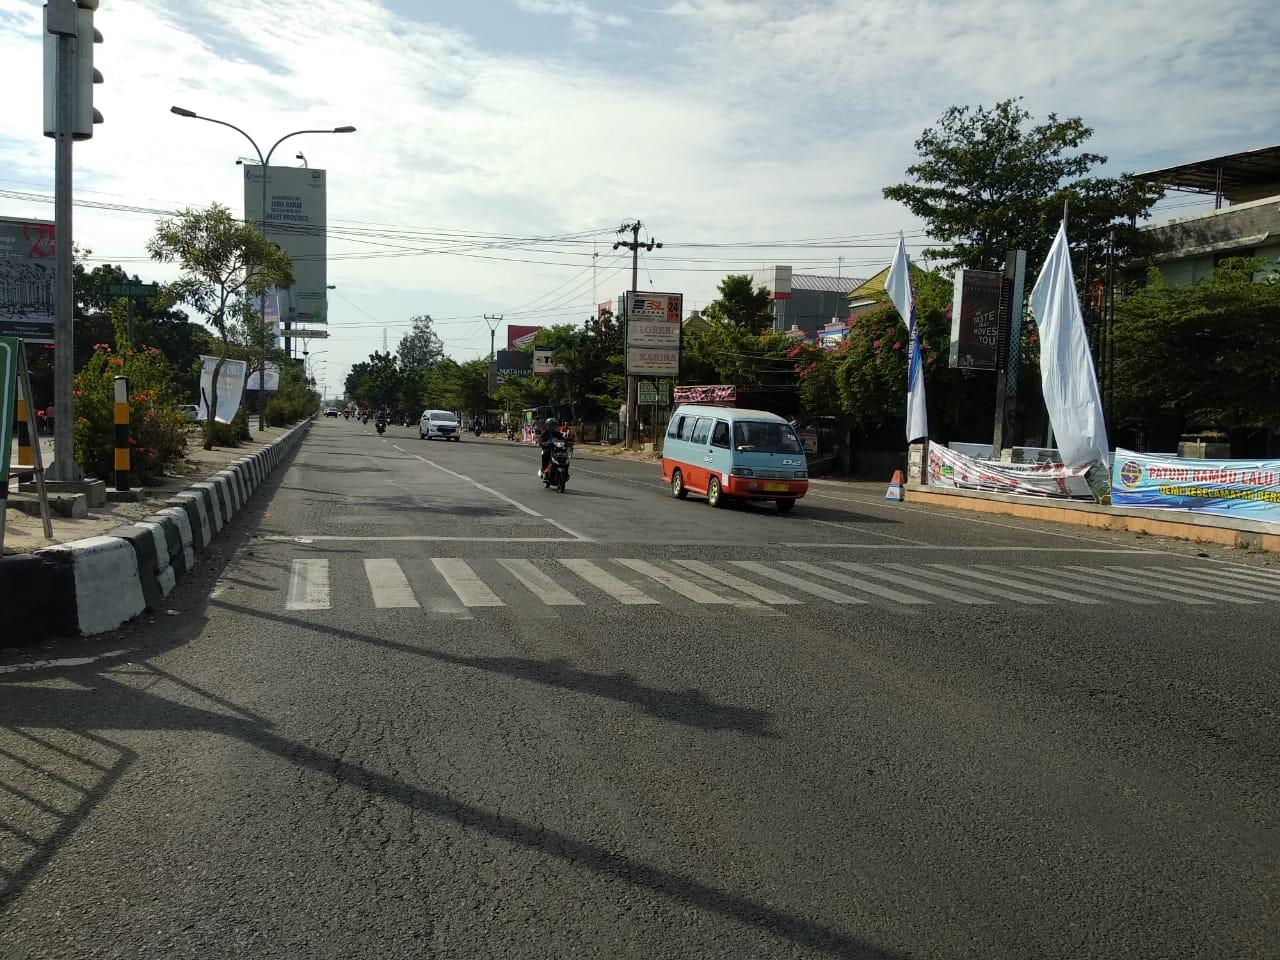 Perempatan lampu merah Jalan Pemuda yang lengang dari kendaraan pemudik. Foto: Alwi